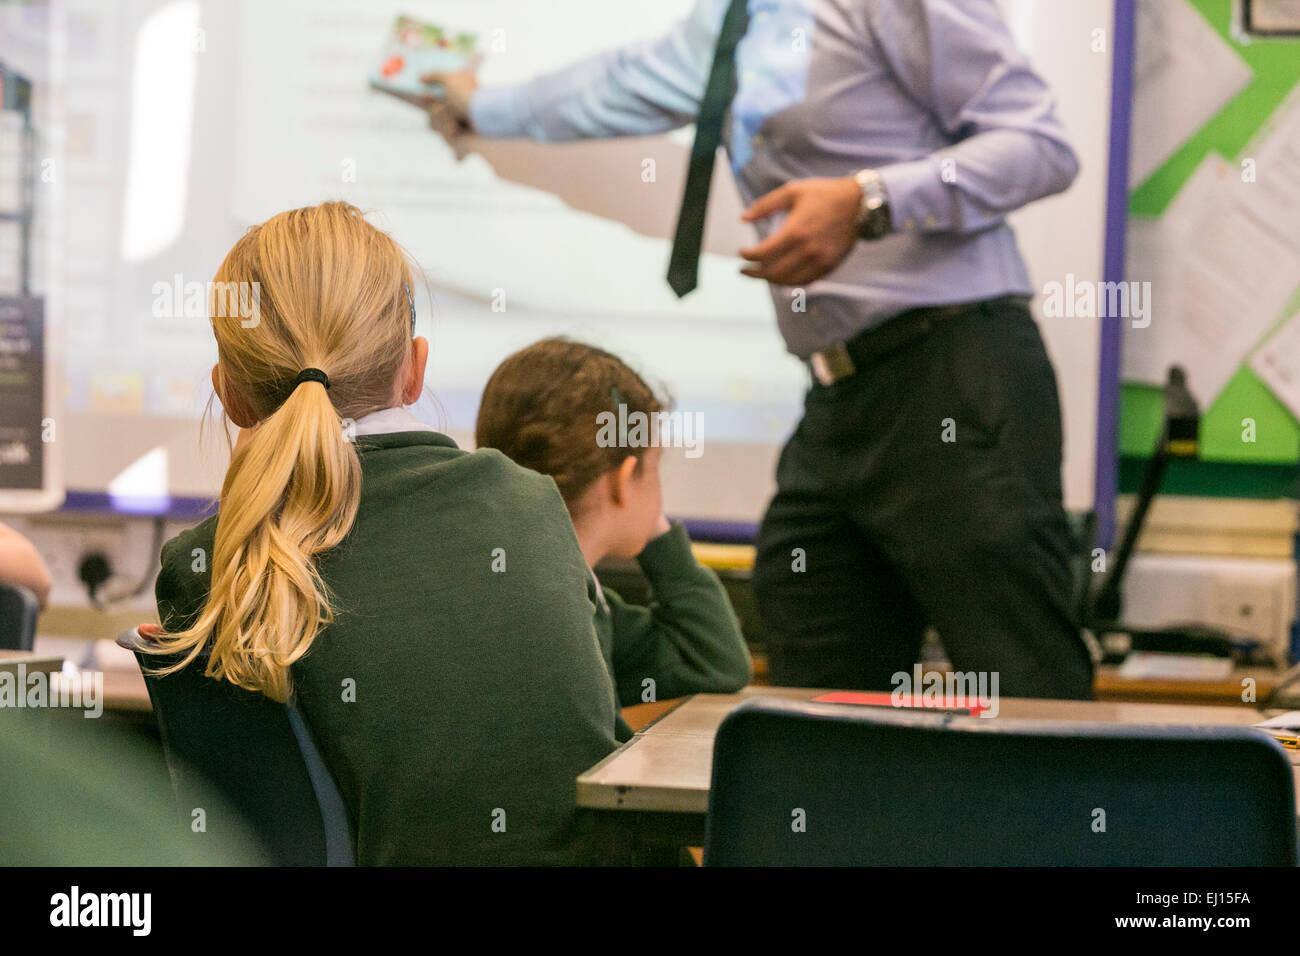 L'école primaire les filles sont enseignées pendant un cours par un enseignant Photo Stock